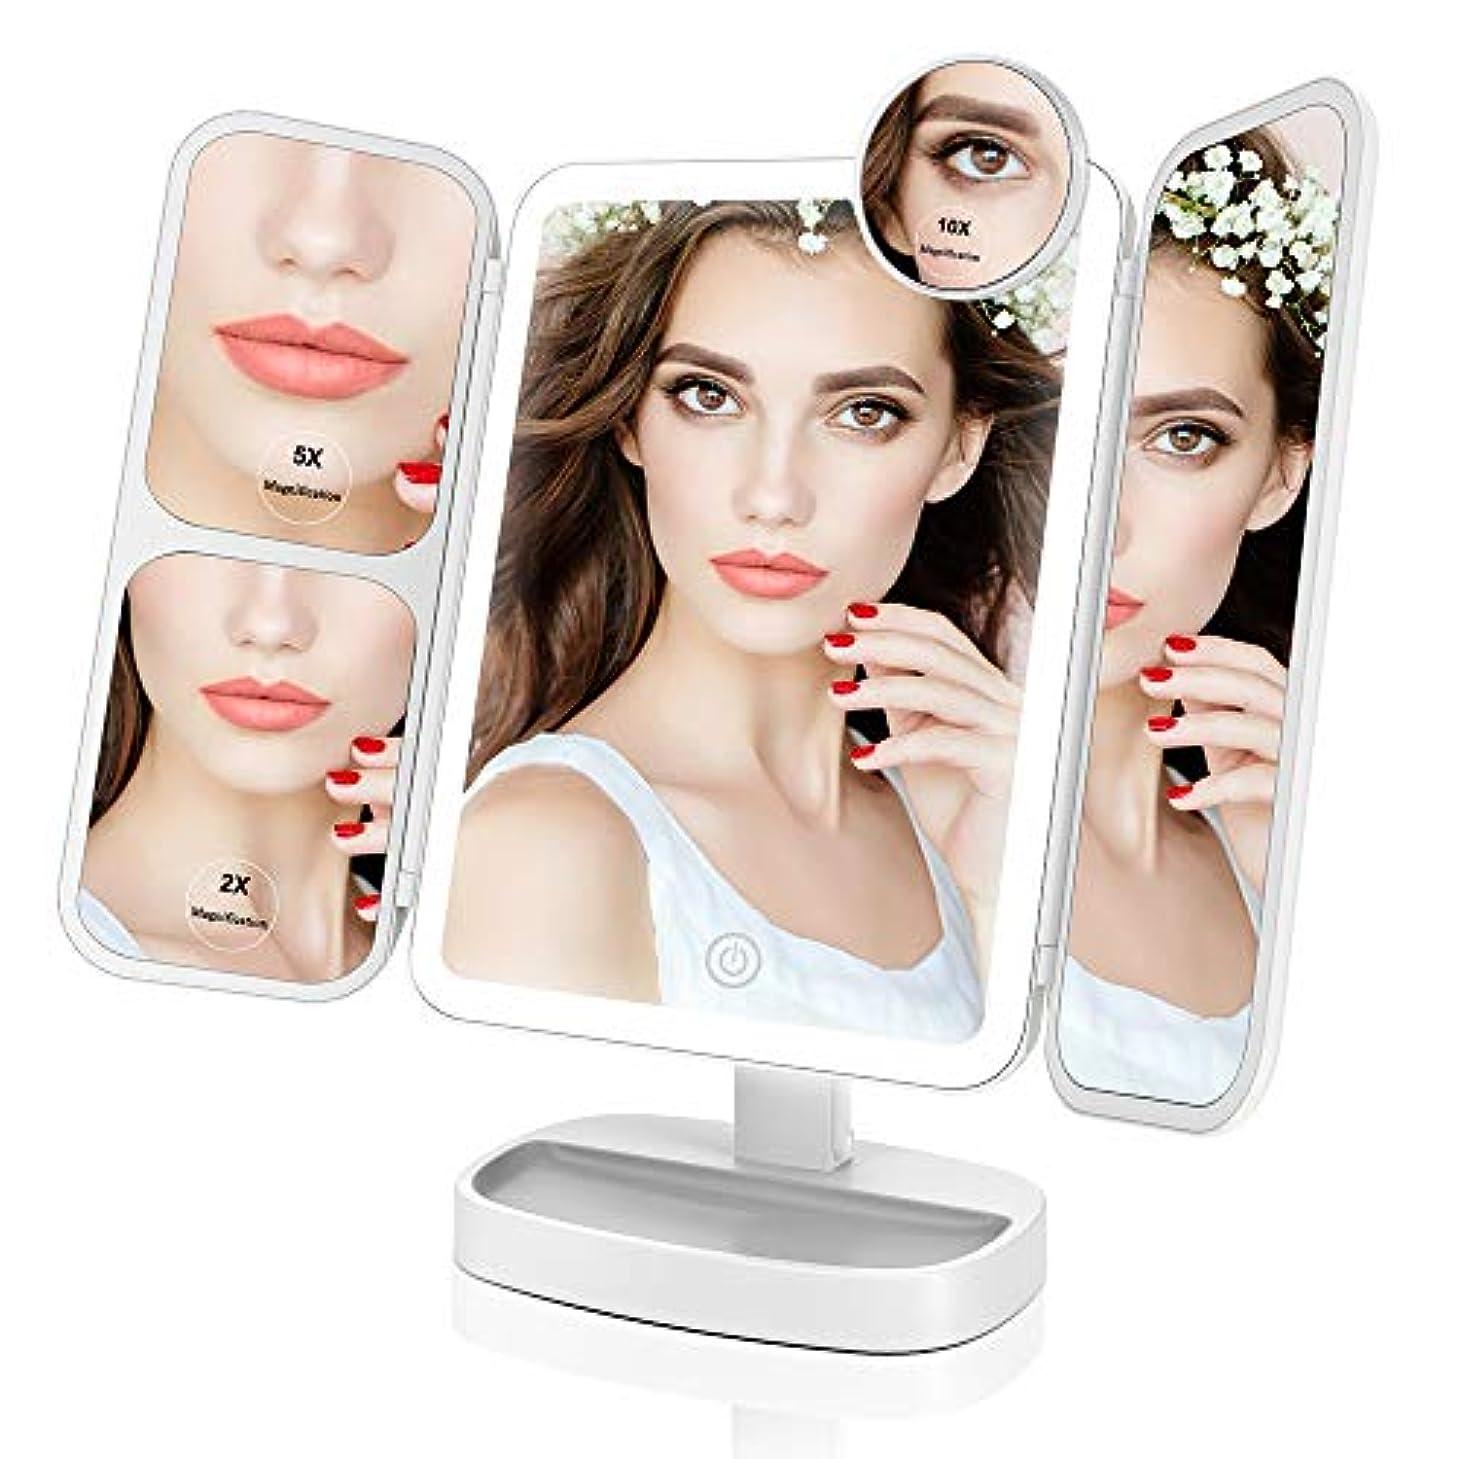 すぐに略奪フェッチEasehold 化粧鏡 三面鏡 化粧ミラー 卓上ミラー 鏡 led付き 折りたたみ 2&5&10倍拡大鏡付き 明るさ調節可能 180°回転 プレゼント(ホワイト)